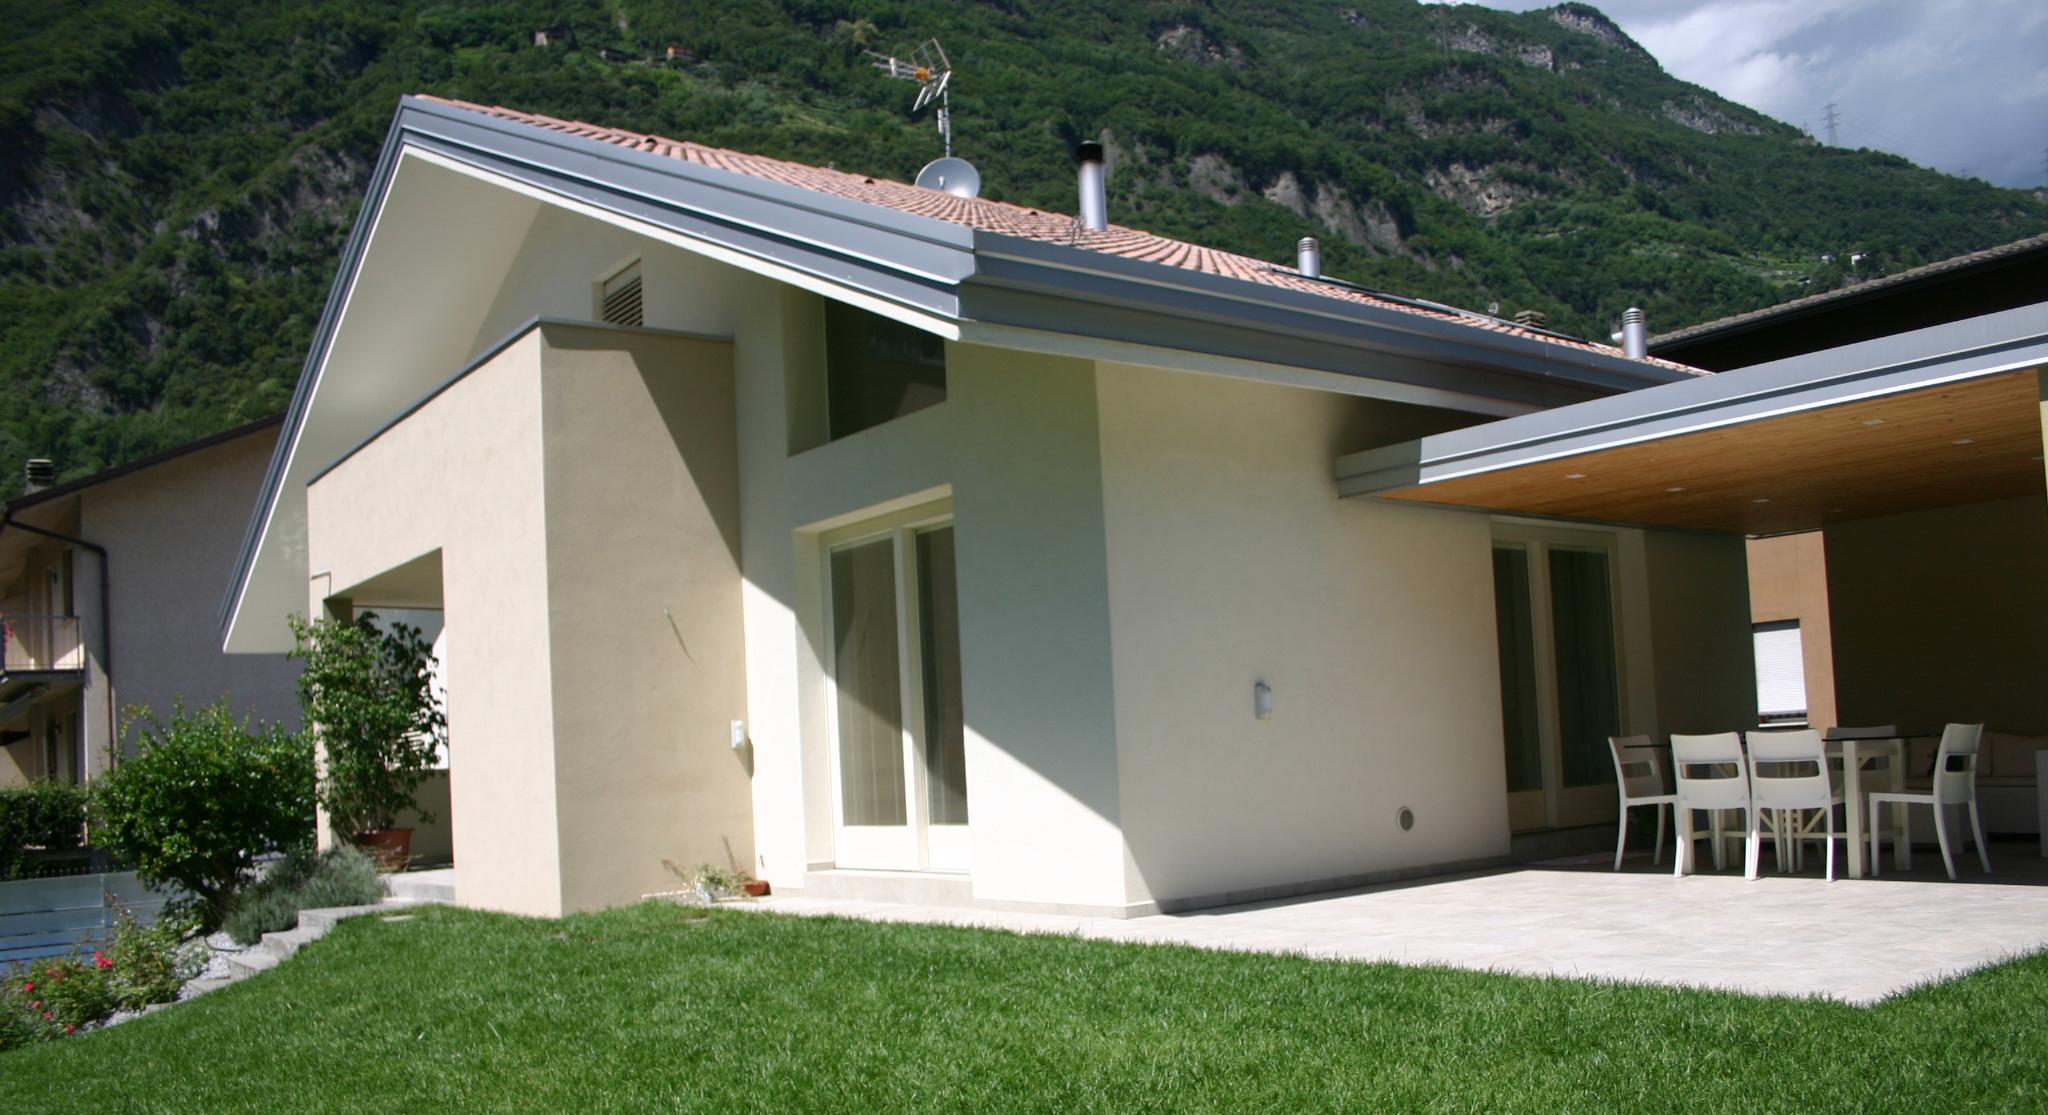 Studio-di-architettura-Baisotti-Sigala-prgetti63